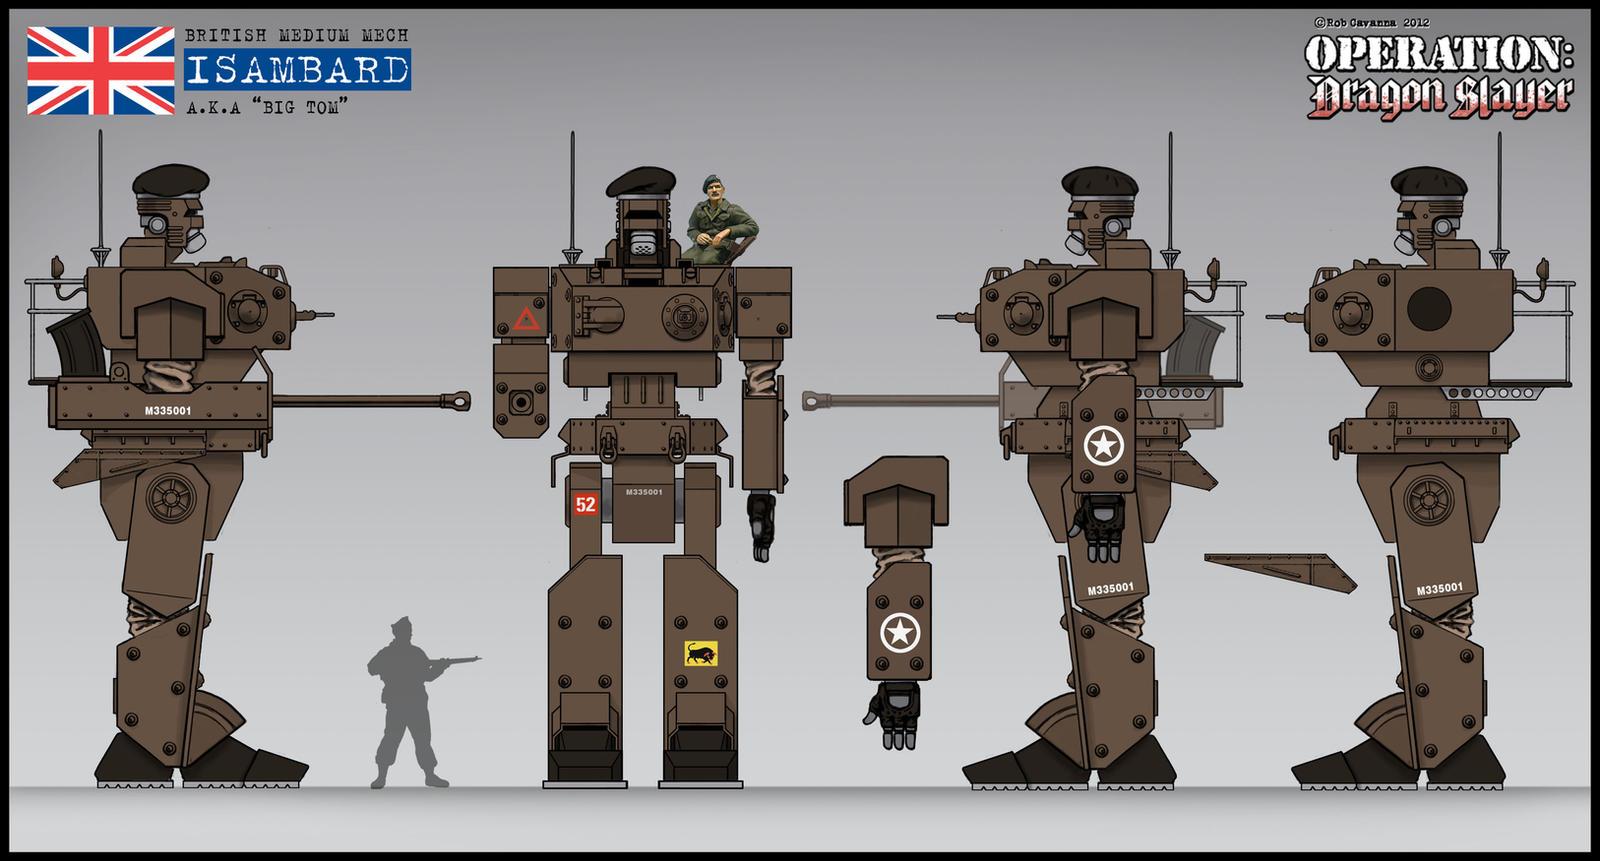 BIG TOM concept sketch by Rob-Cavanna